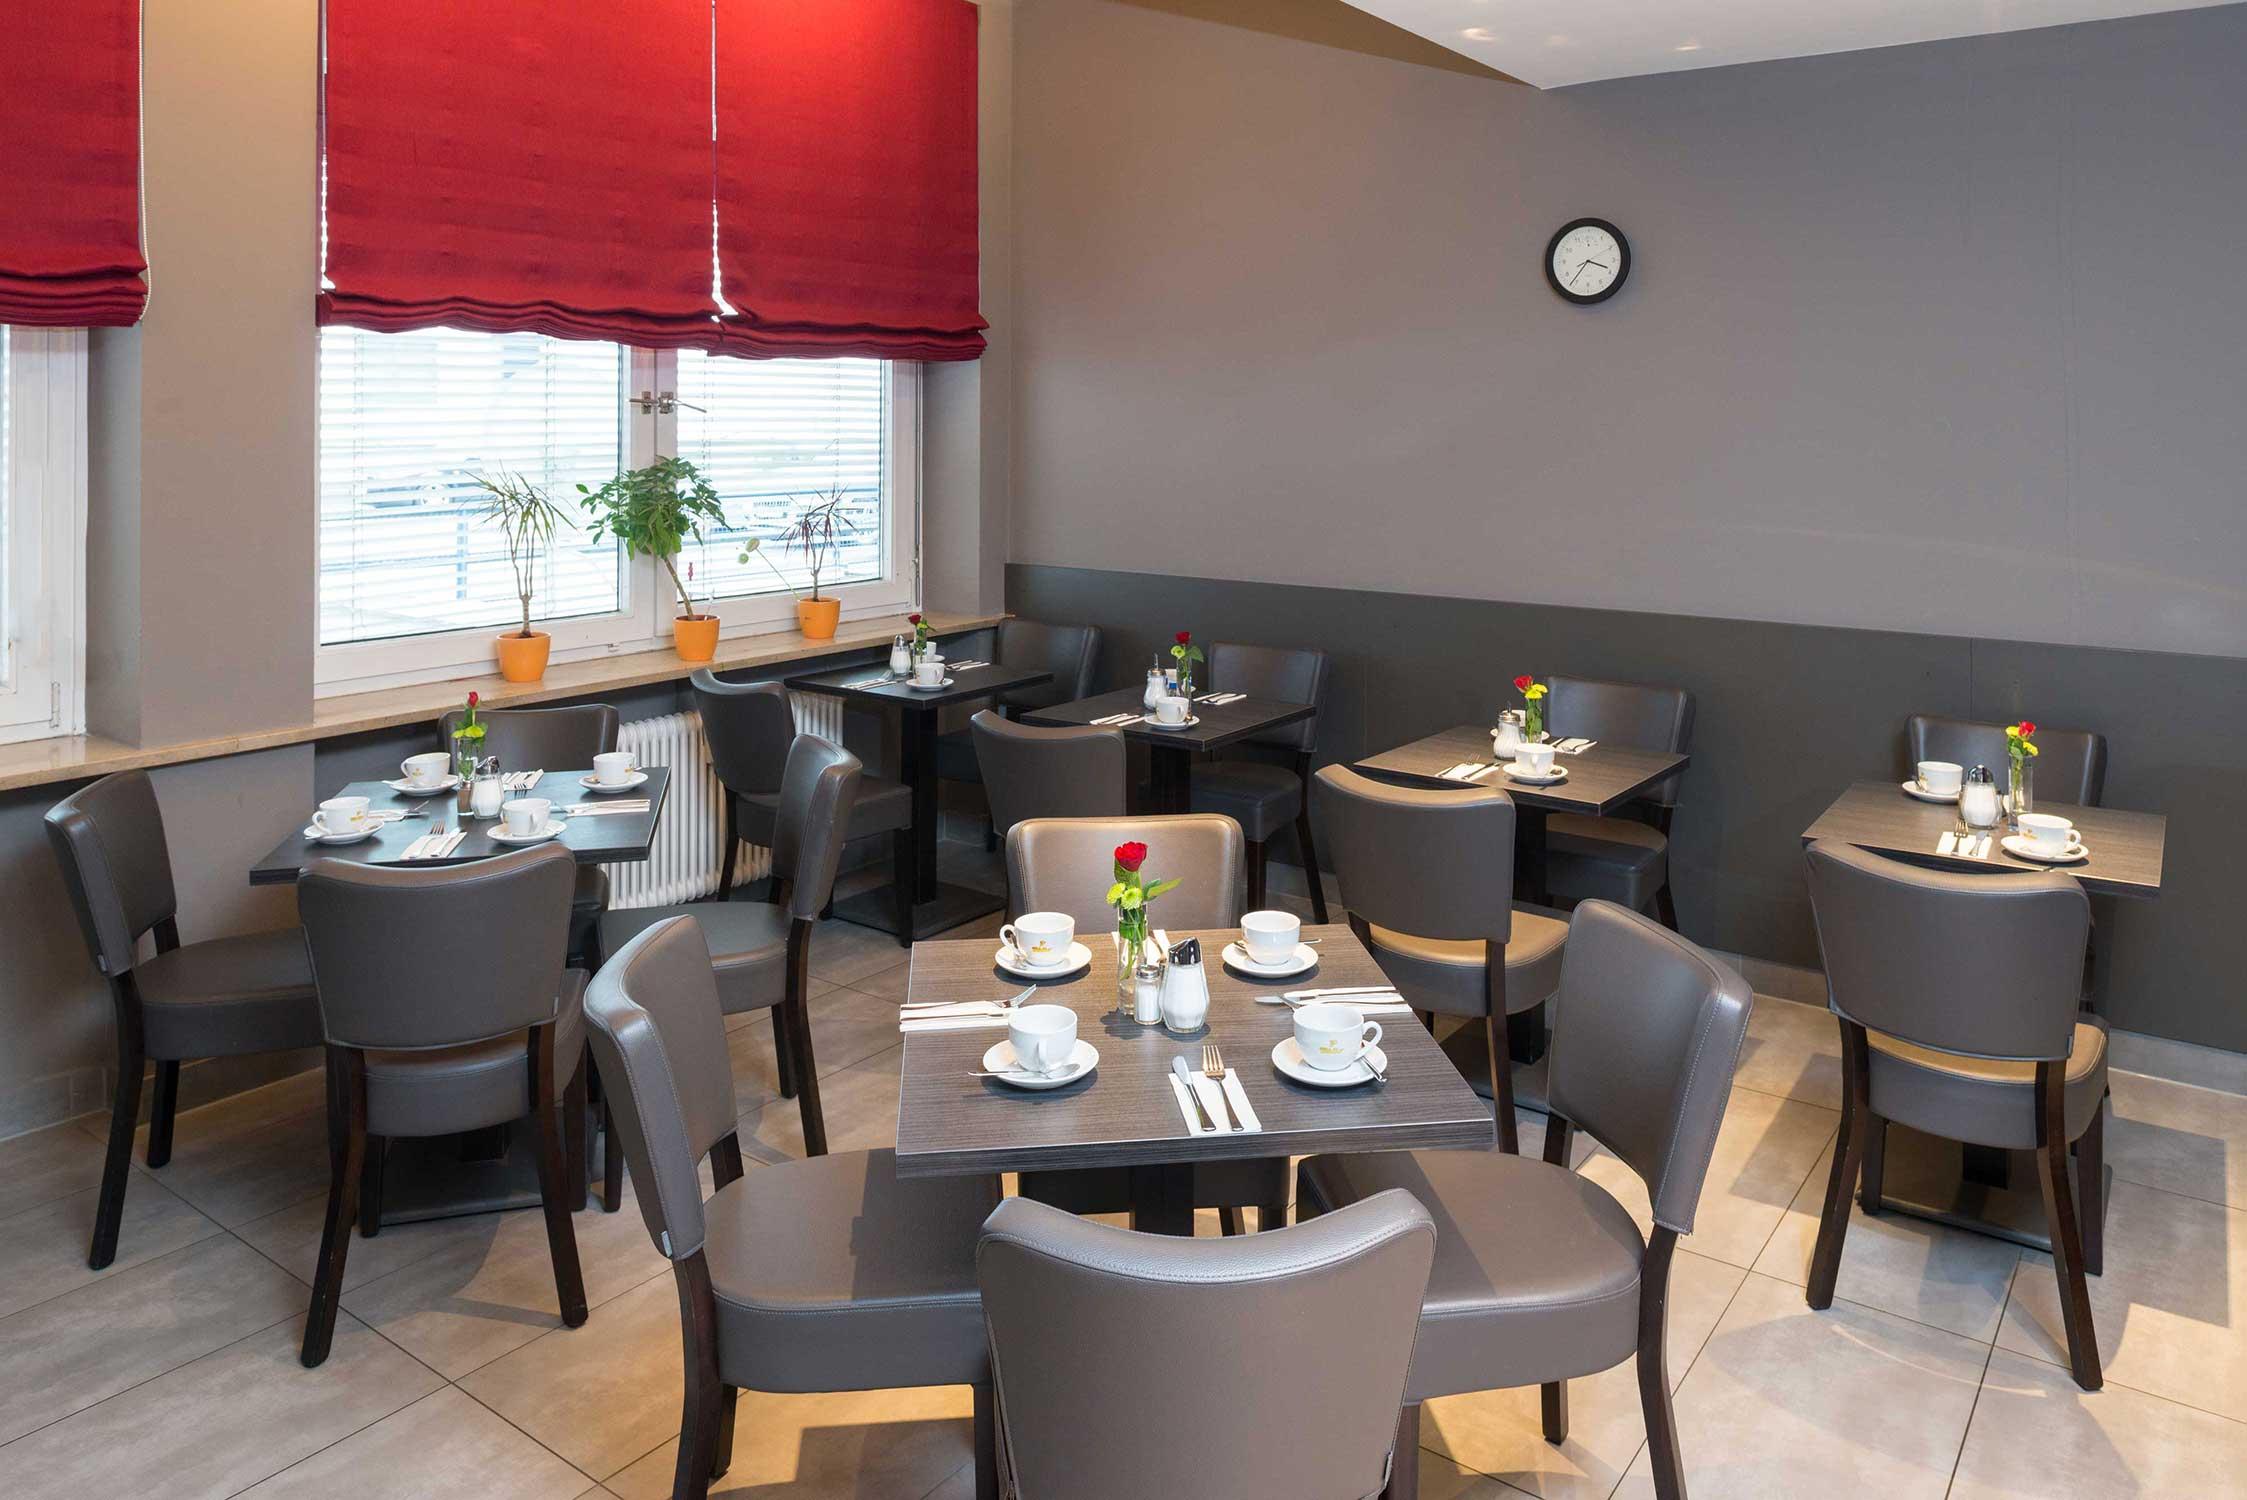 Fr hst ck munich inn design hotel for Designhotel munchen